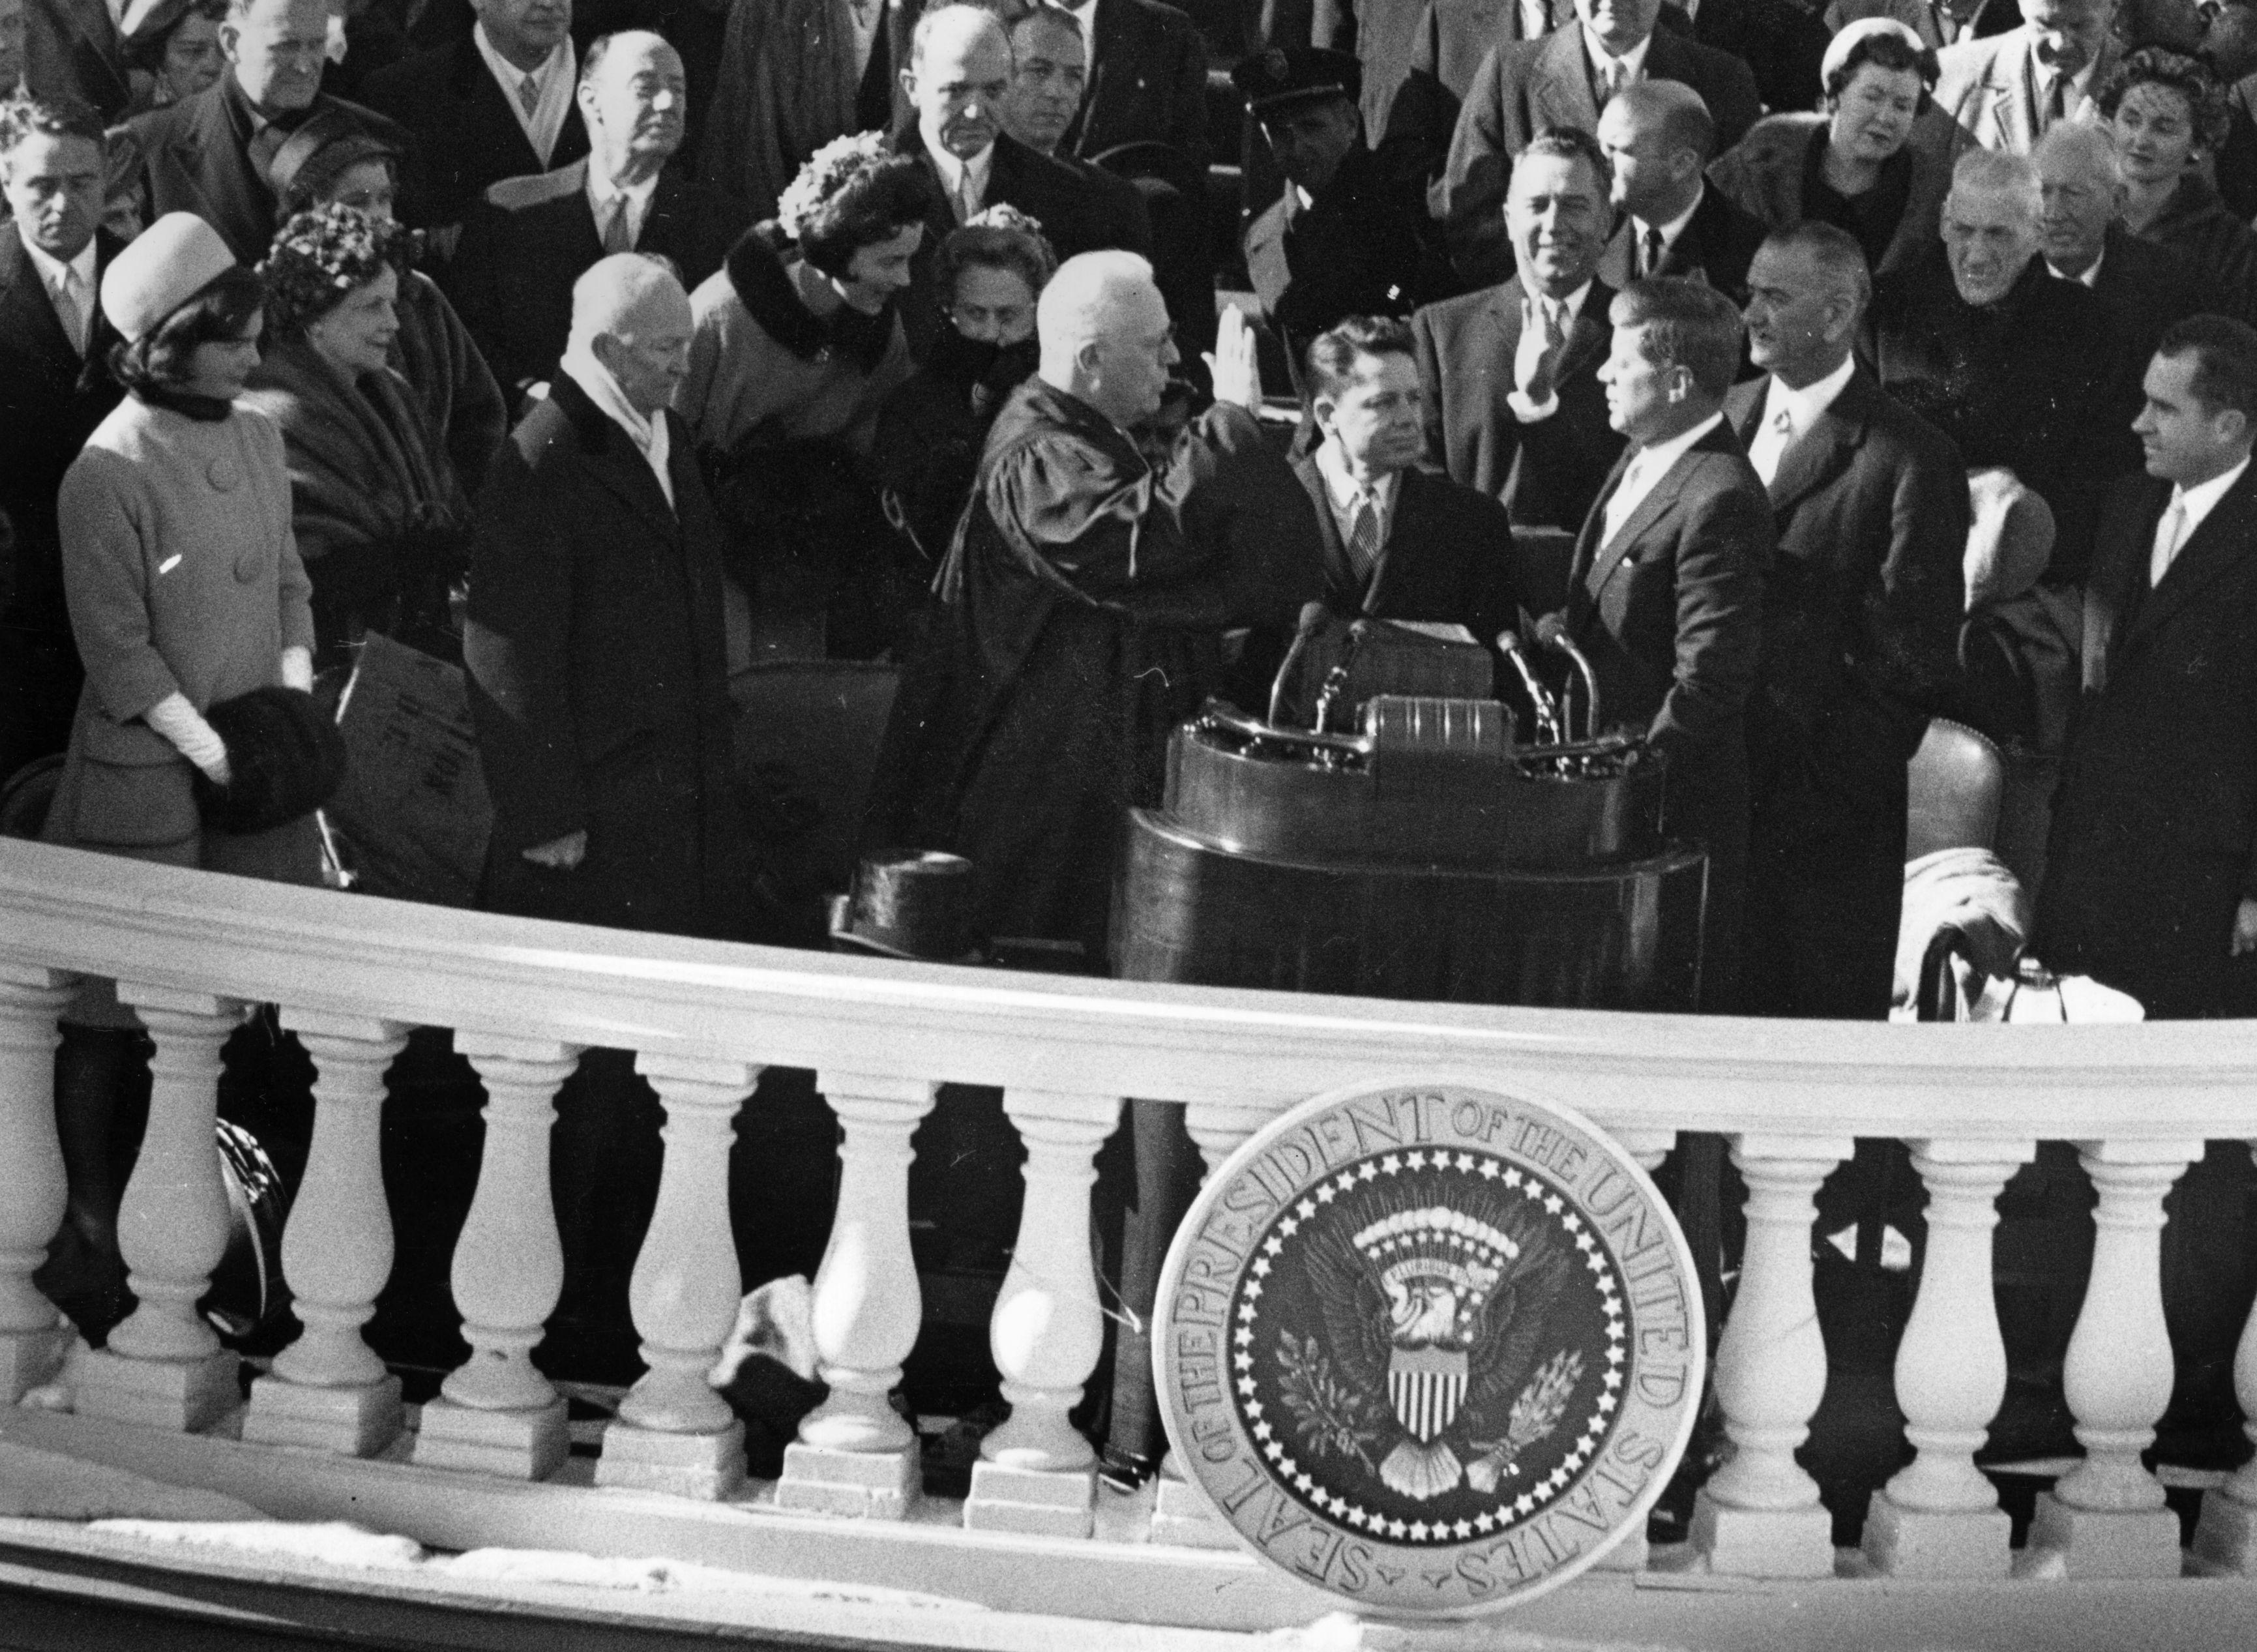 President John F. Kennedy Swearing In